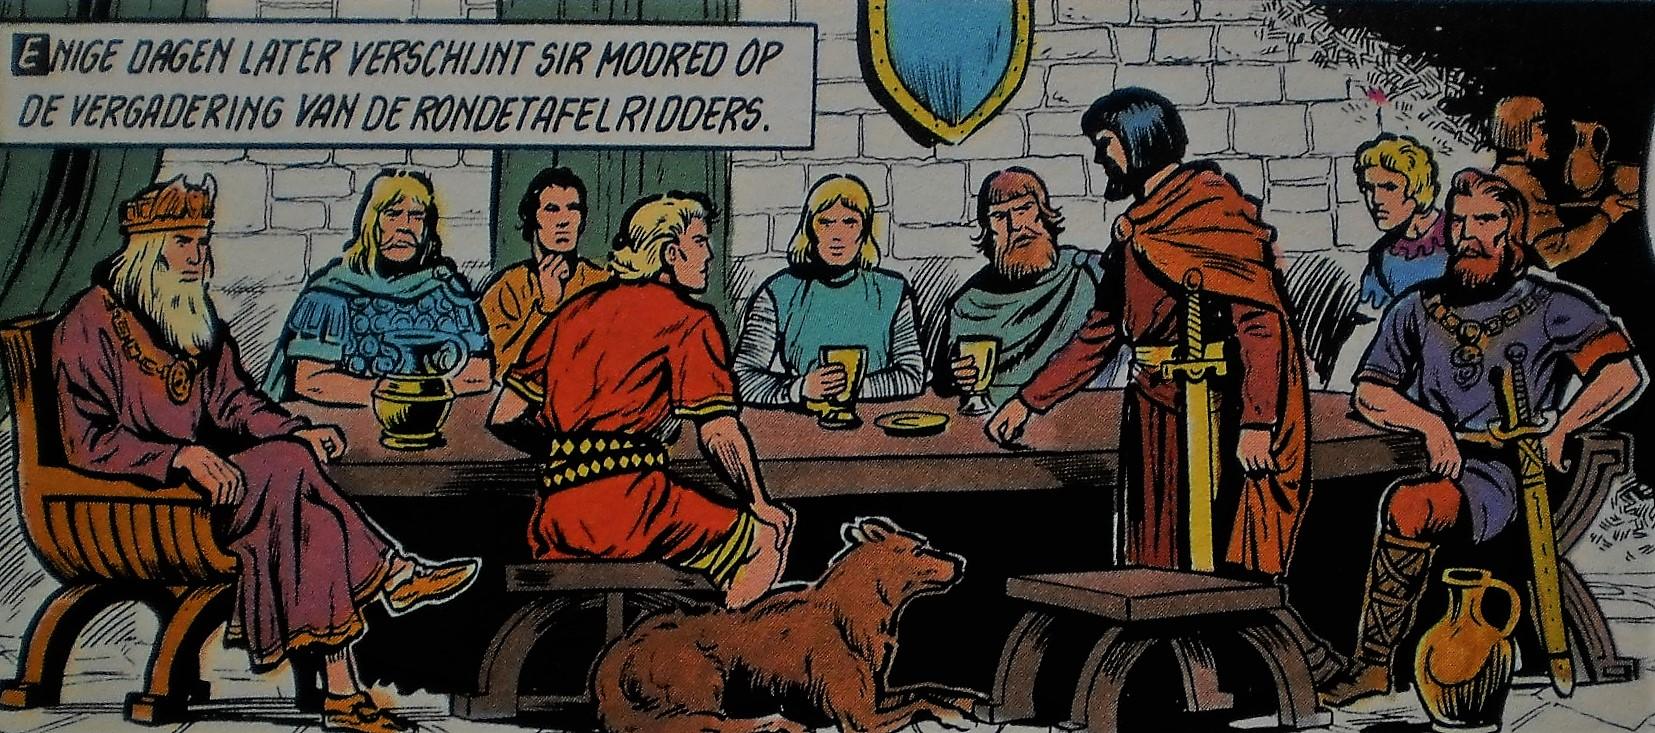 Ridders Aan De Ronde Tafel.De Ronde Tafel In De Originele Reeks De Rode Ridder Wiki